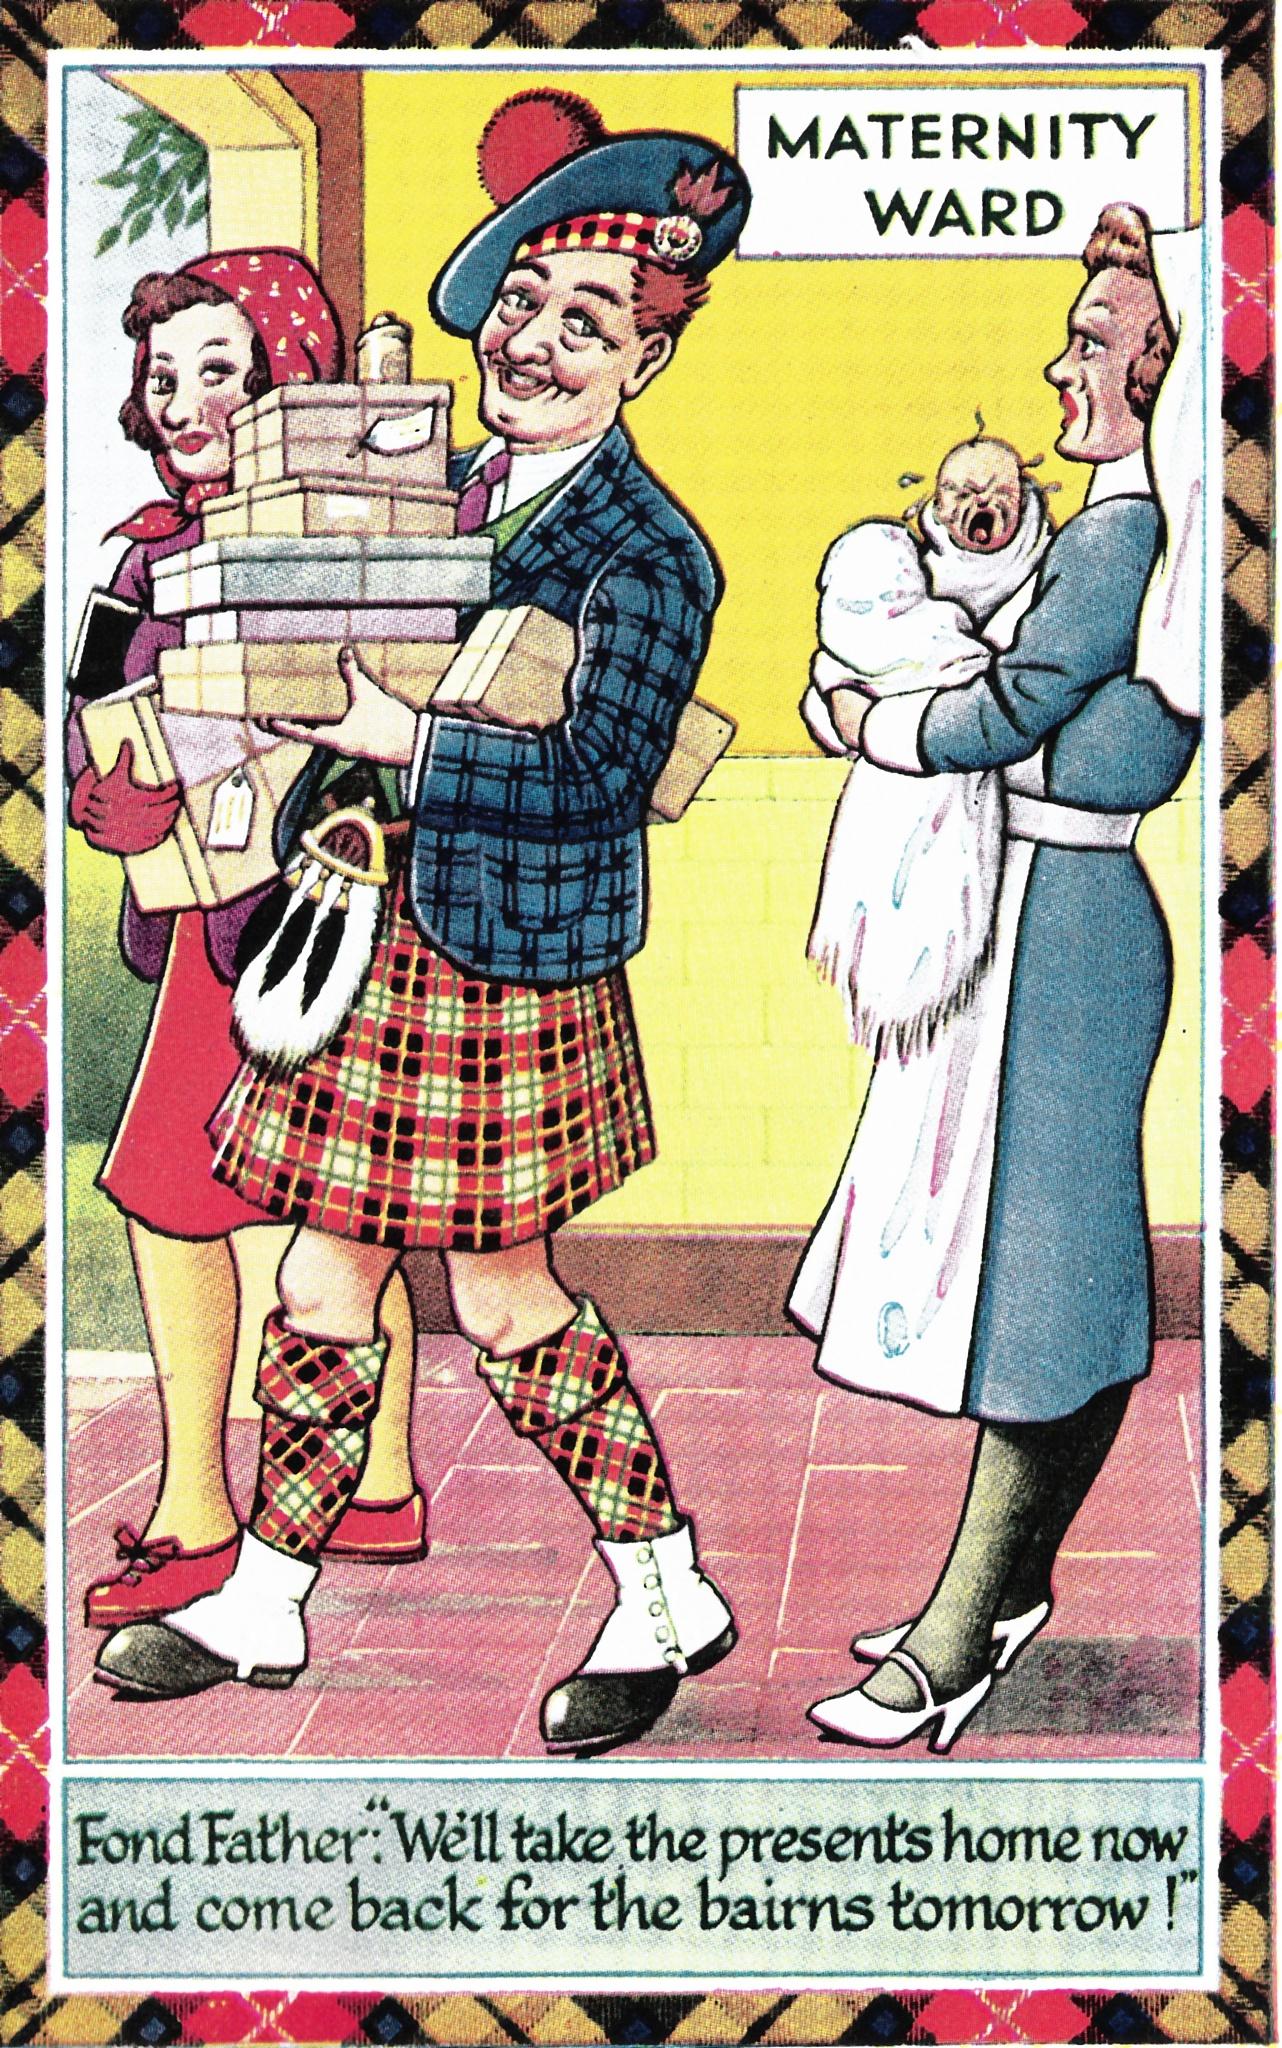 Vintage Scottish Joke 3 by Lars-Toralf Utnes Storstrand